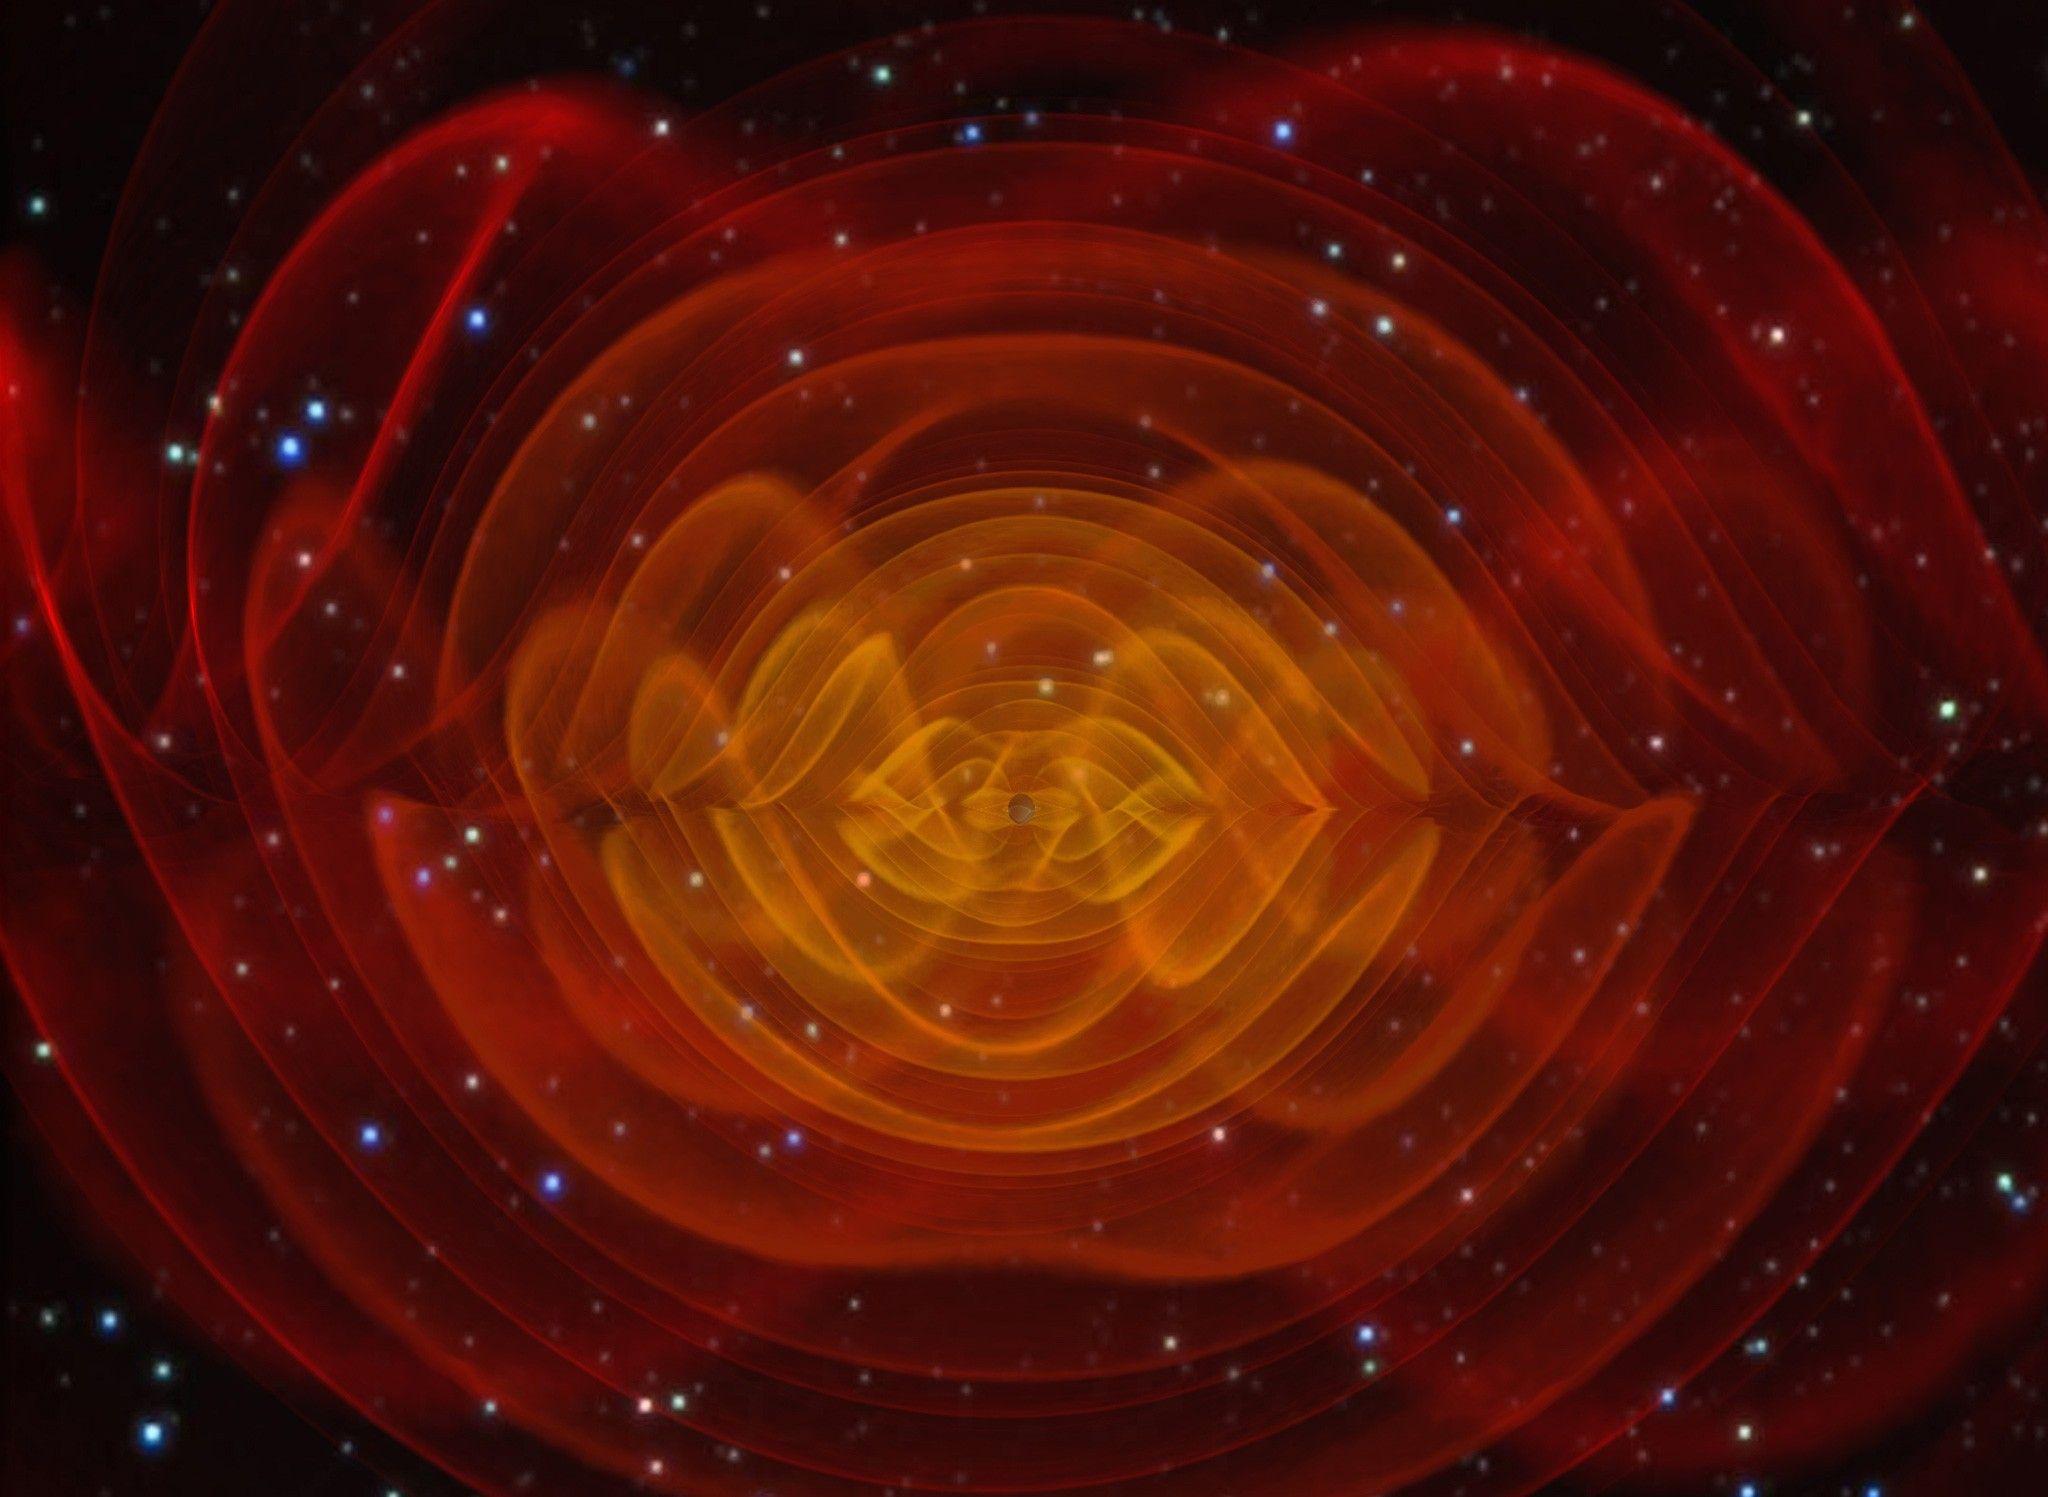 La détection d'ondes gravitationnelles récompensée par le prix Nobel de physique